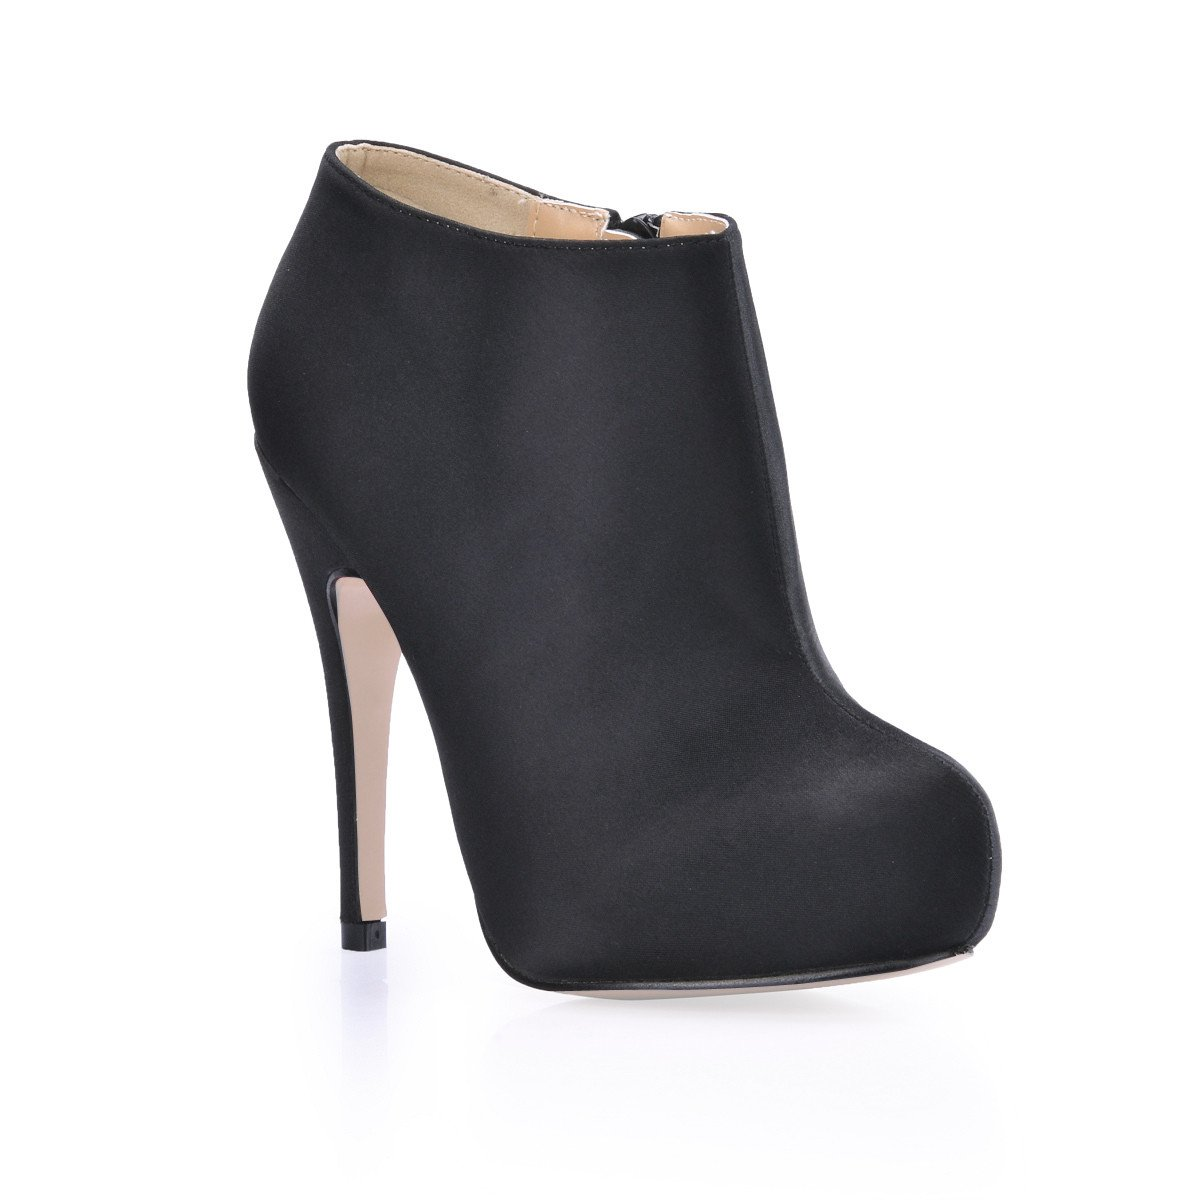 Berühren Sie die die die neue high-heel Schuhe und sexy Nachtclubs rote Schuh schwarz wild OL Damen Stiefel 1dbf82